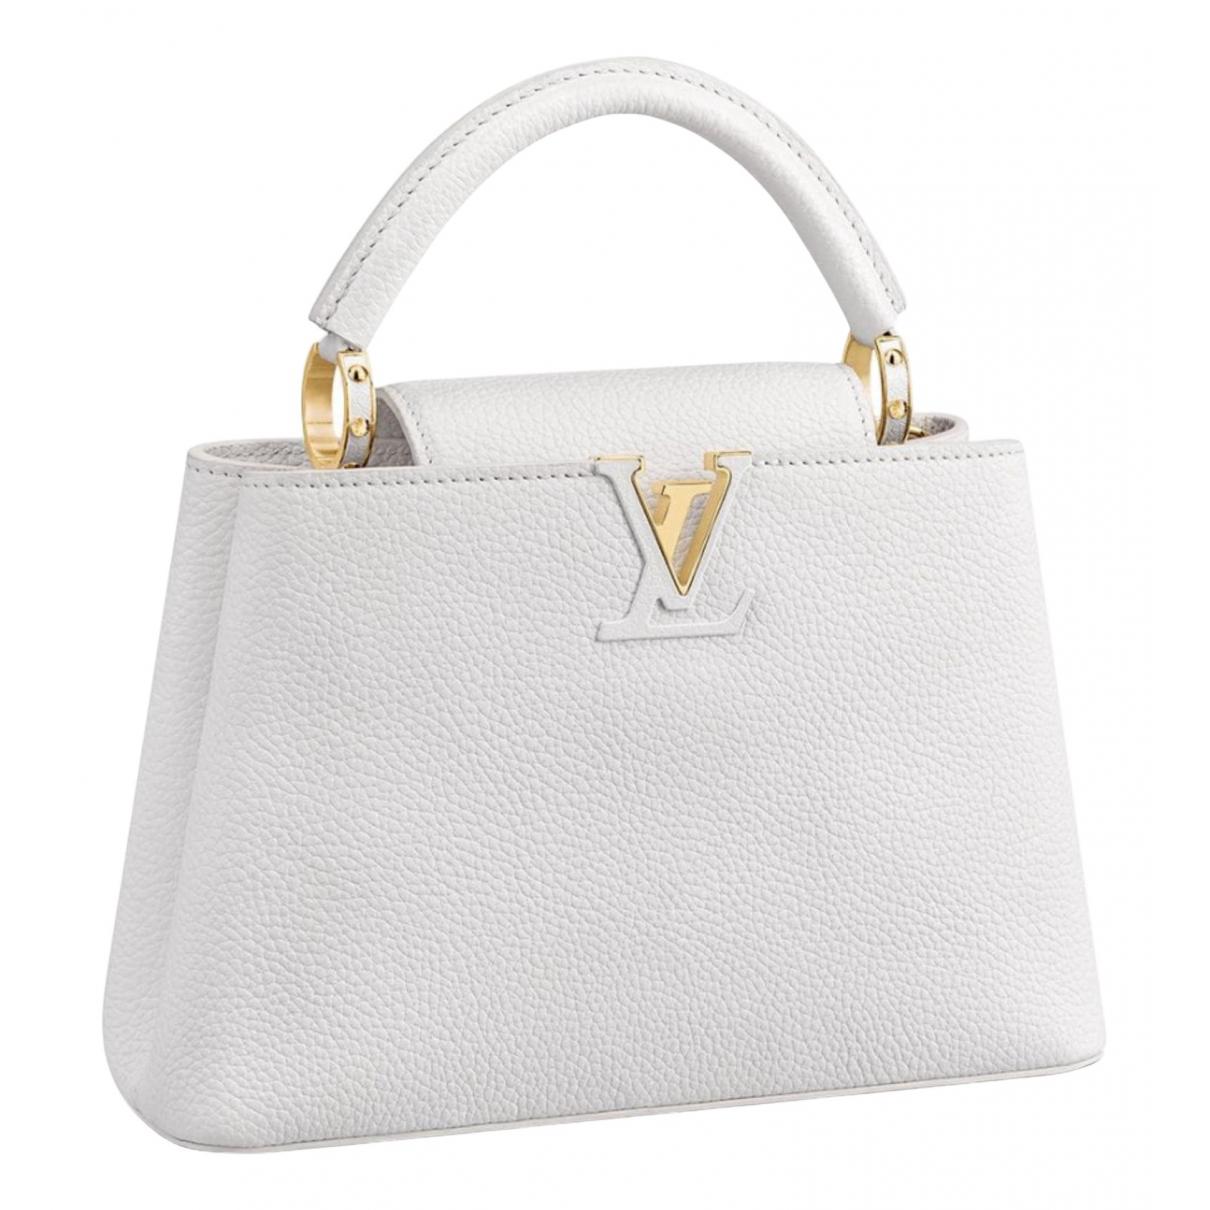 Louis Vuitton - Sac a main Capucines pour femme en cuir - blanc